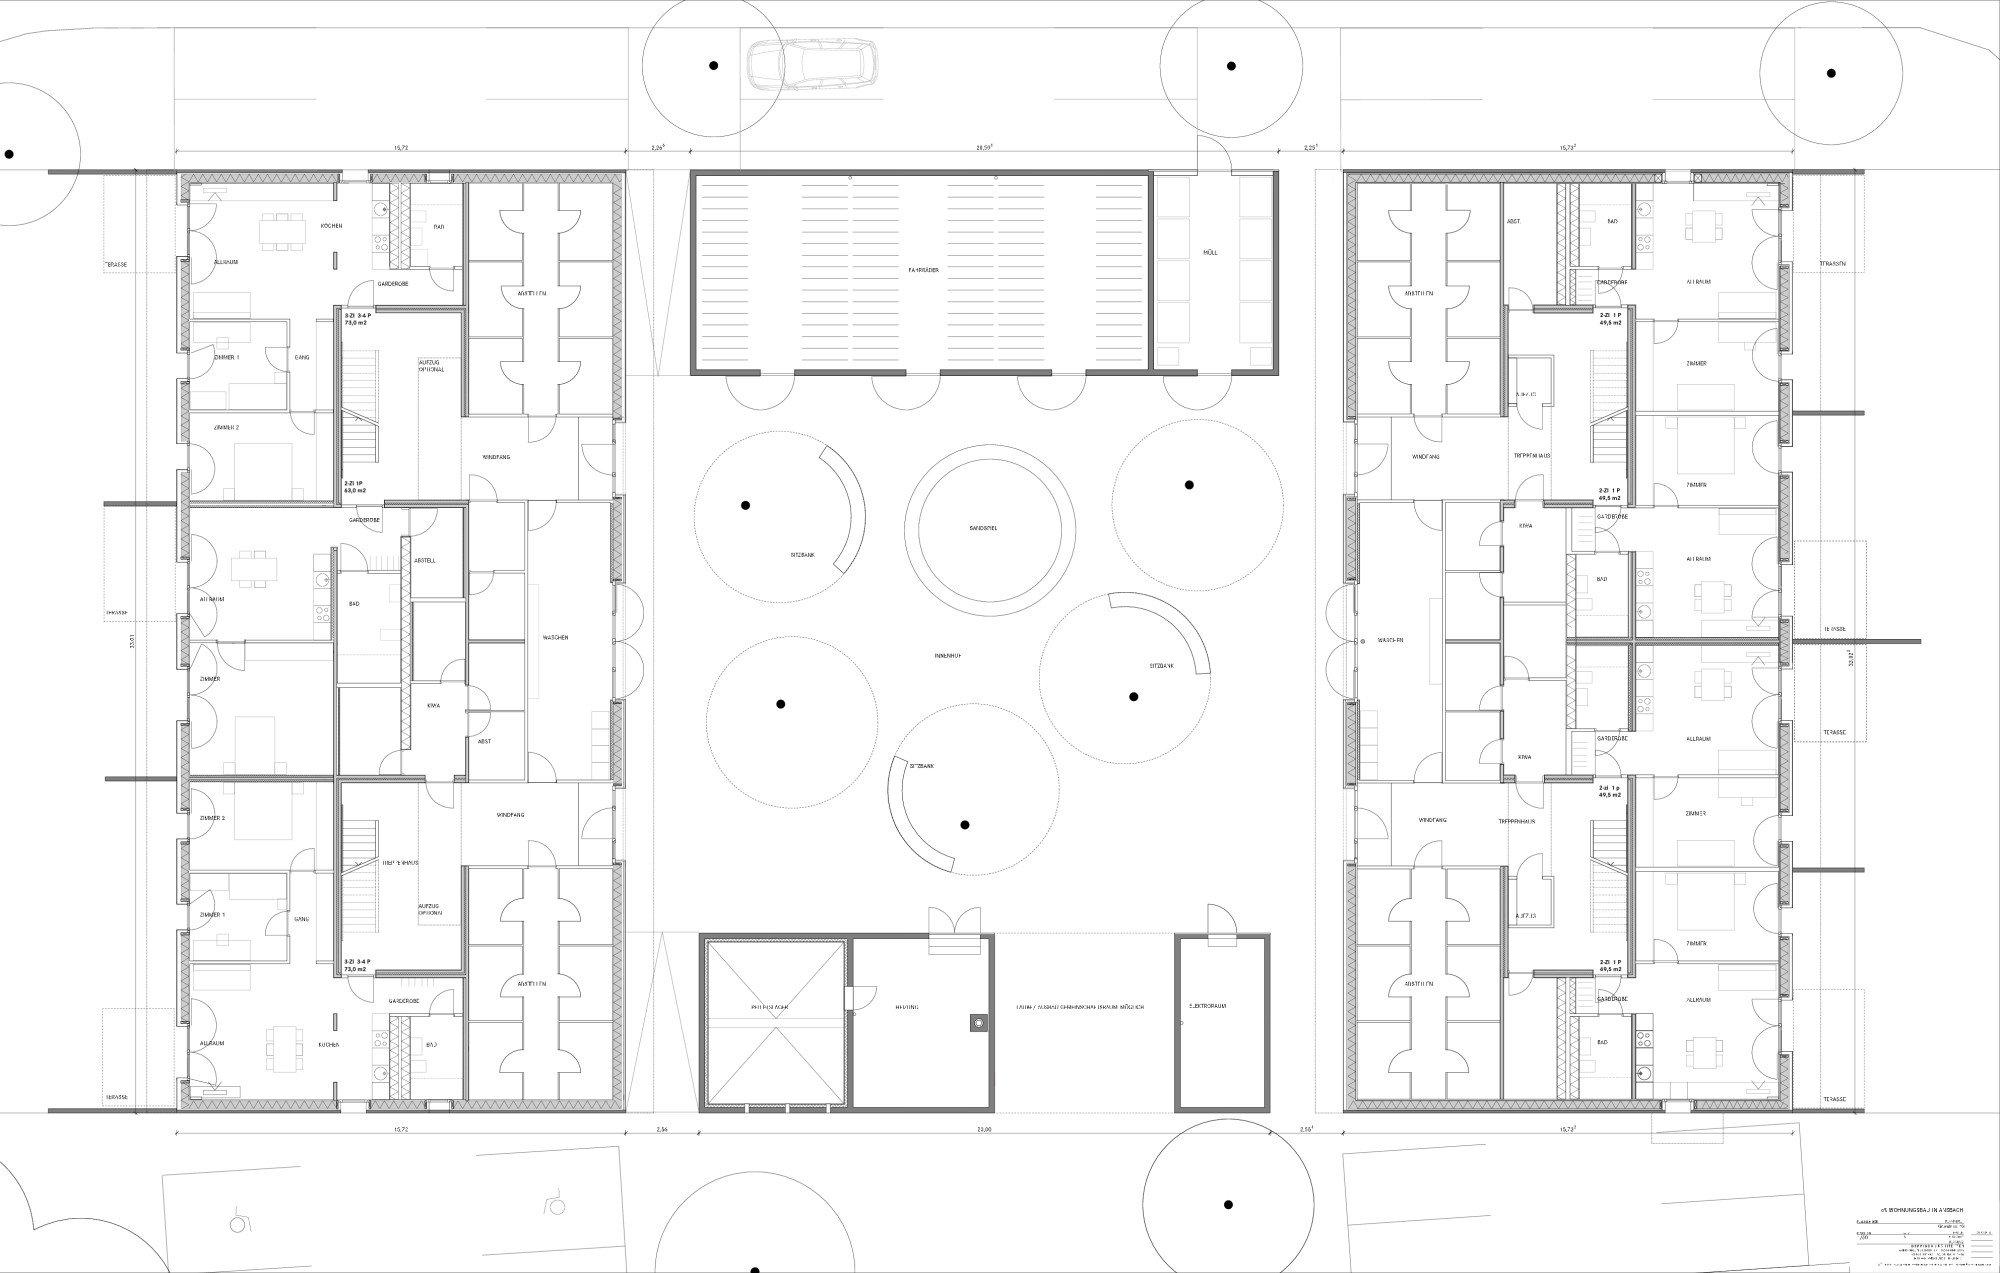 Fein Gewerbliche Küche Grundrissgestaltung Zeitgenössisch - Küche ...